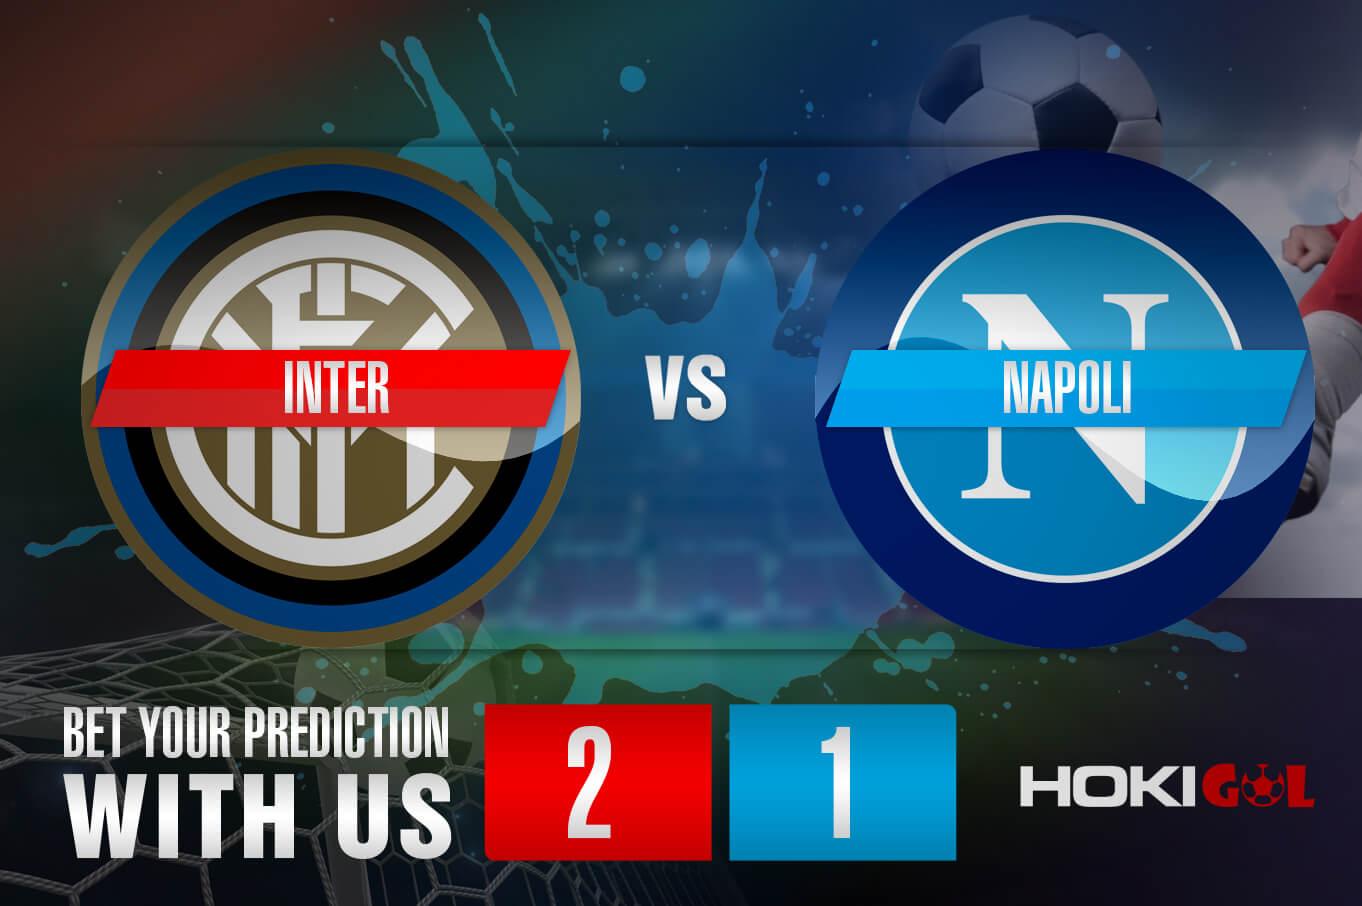 Prediksi Bola Inter Vs Napoli 17 Desember 2020